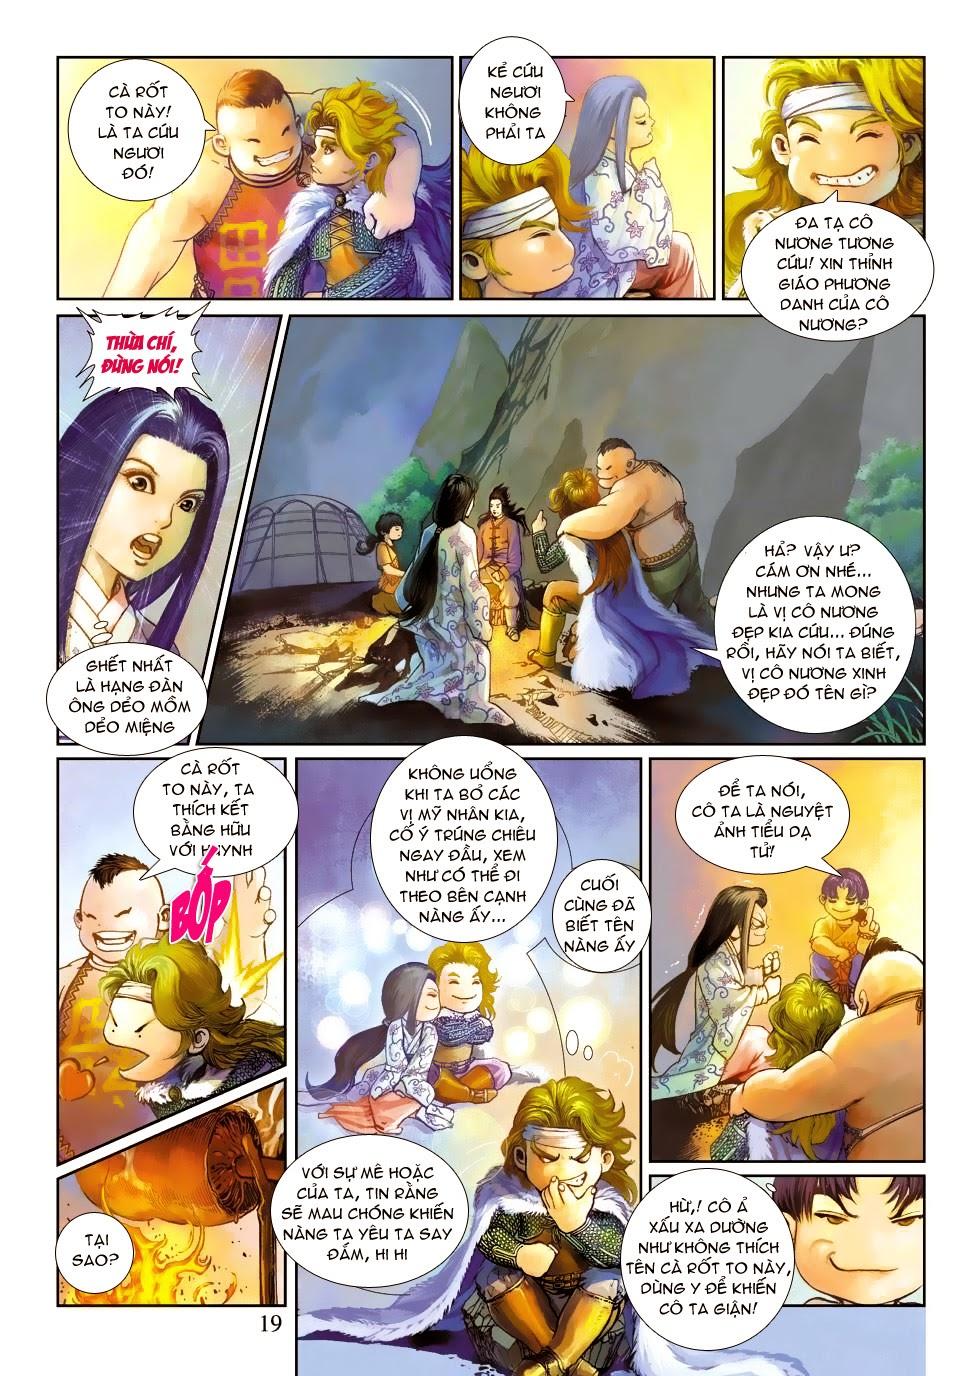 Thần Binh Tiền Truyện 4 - Huyền Thiên Tà Đế chap 3 - Trang 19